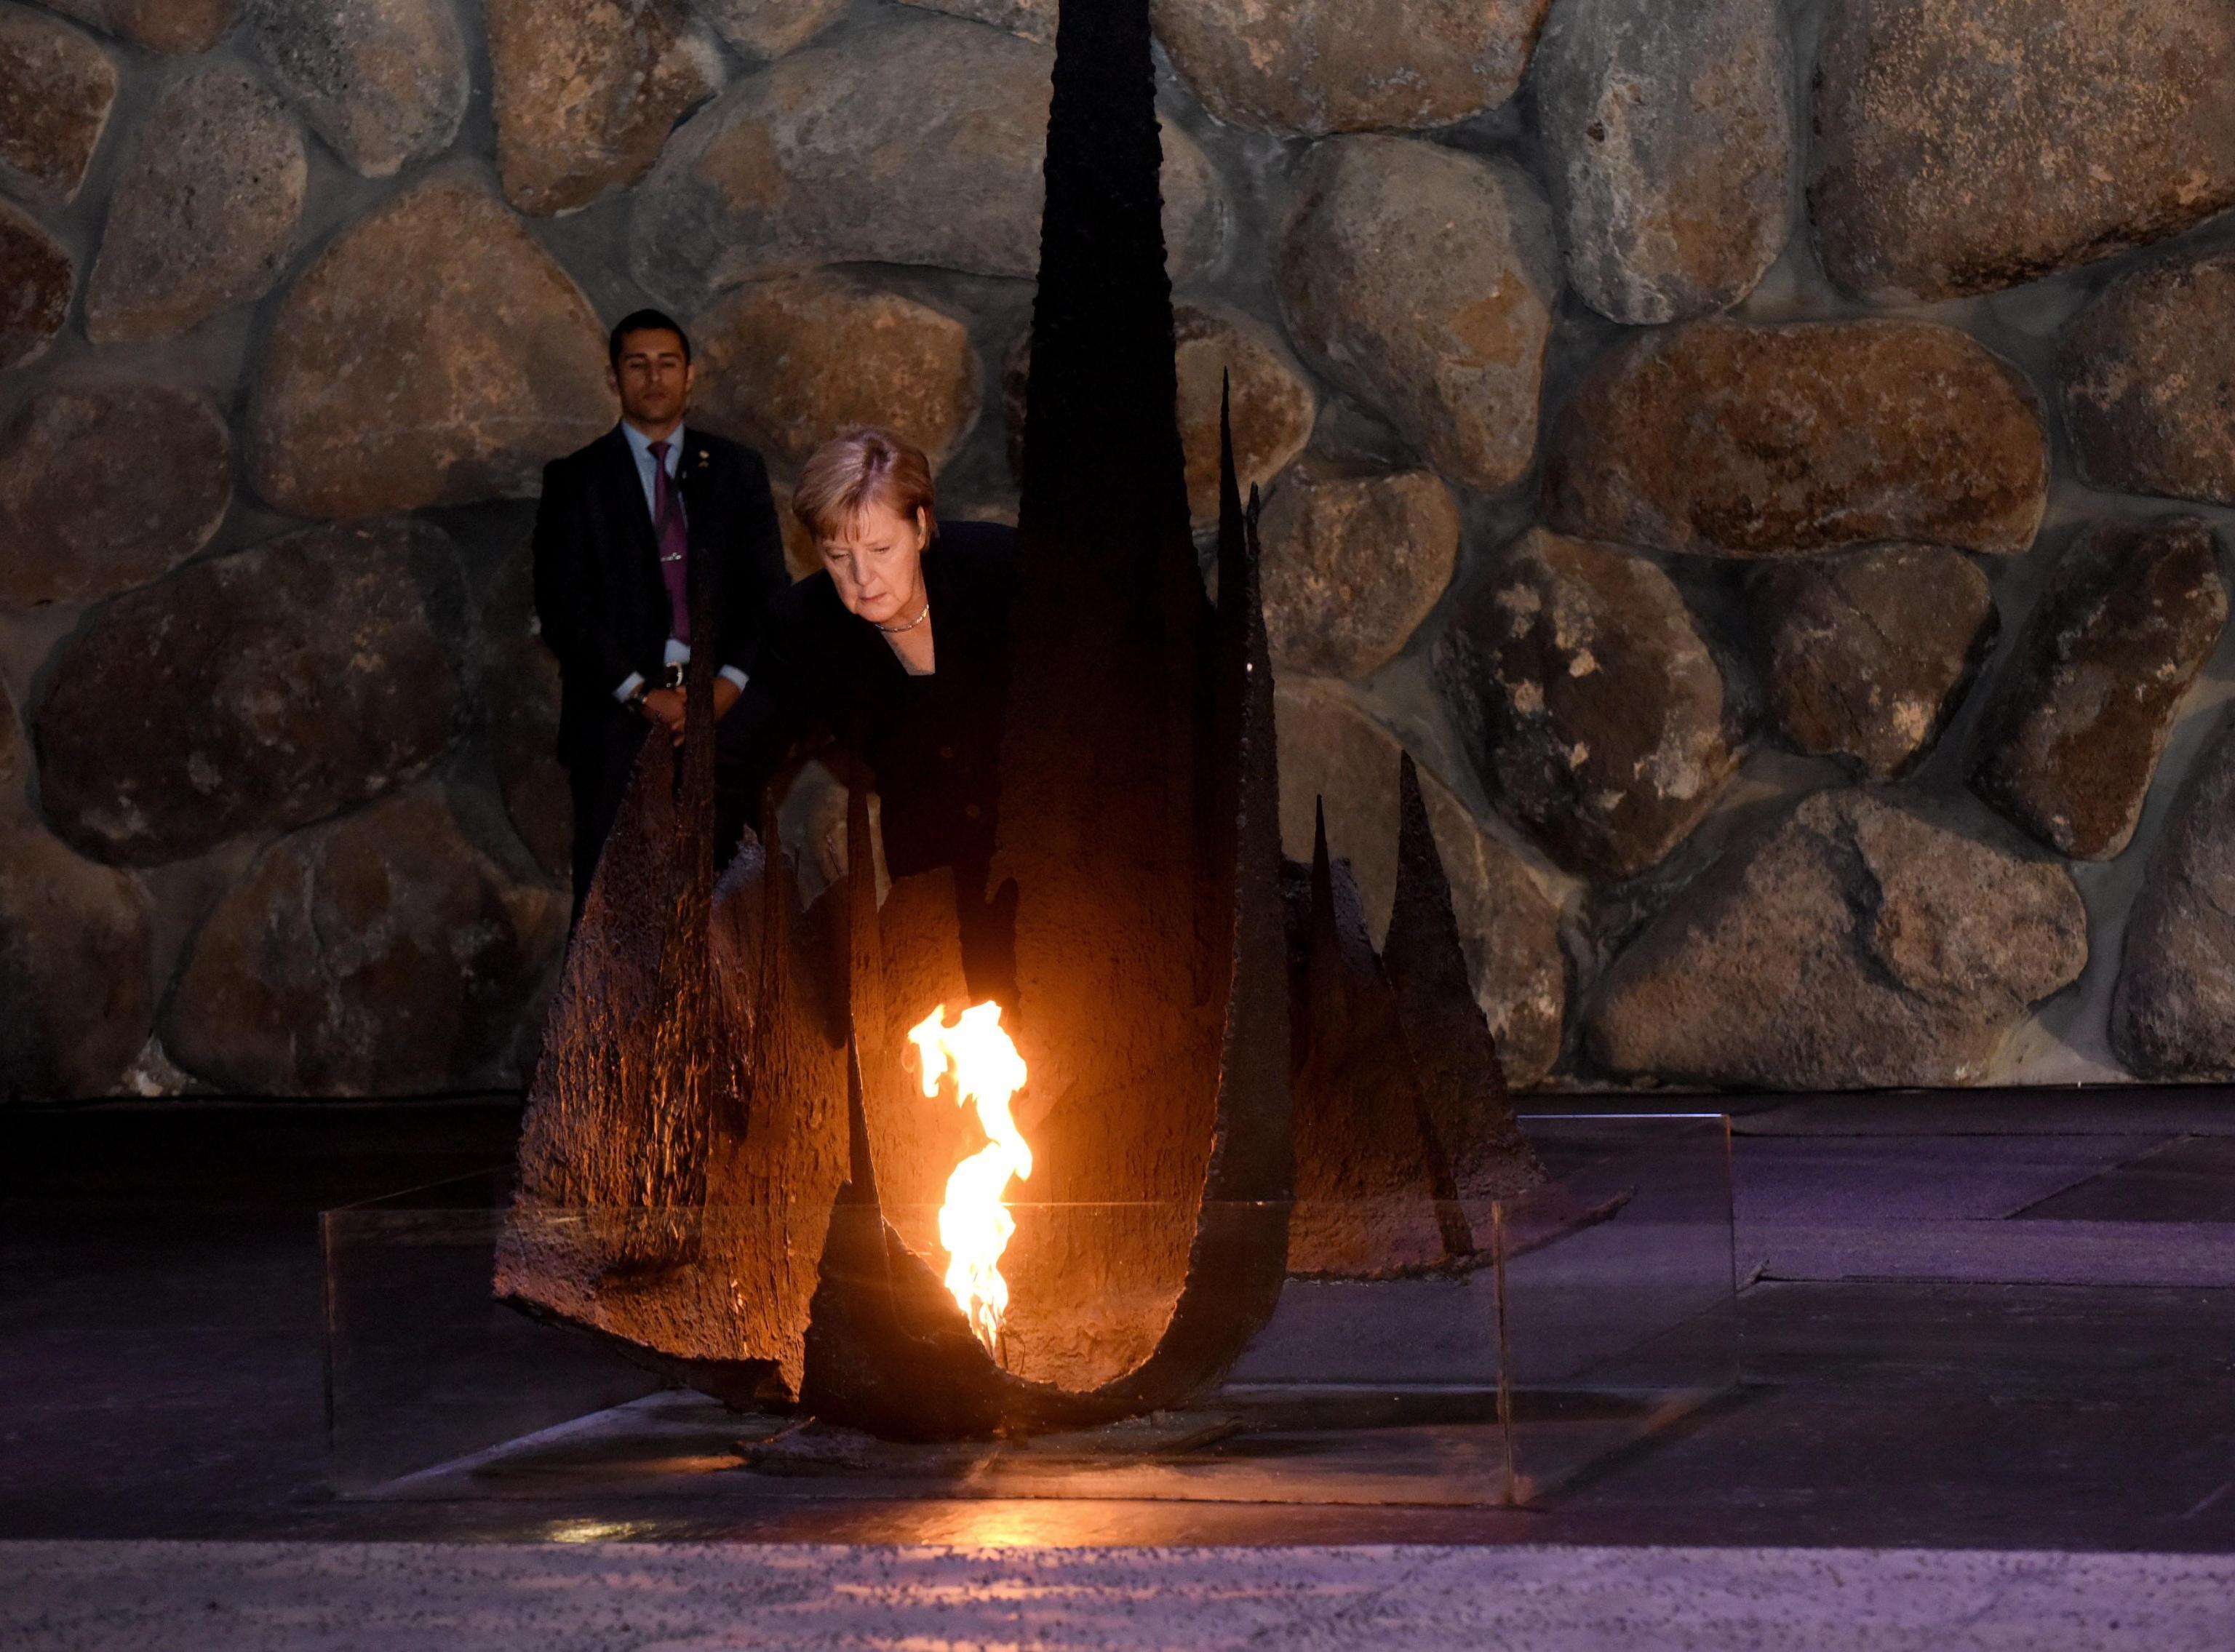 Angela Merkel depone una corona nella Sala del Ricordo nel Museo dell'Olocausto Yad Vashem